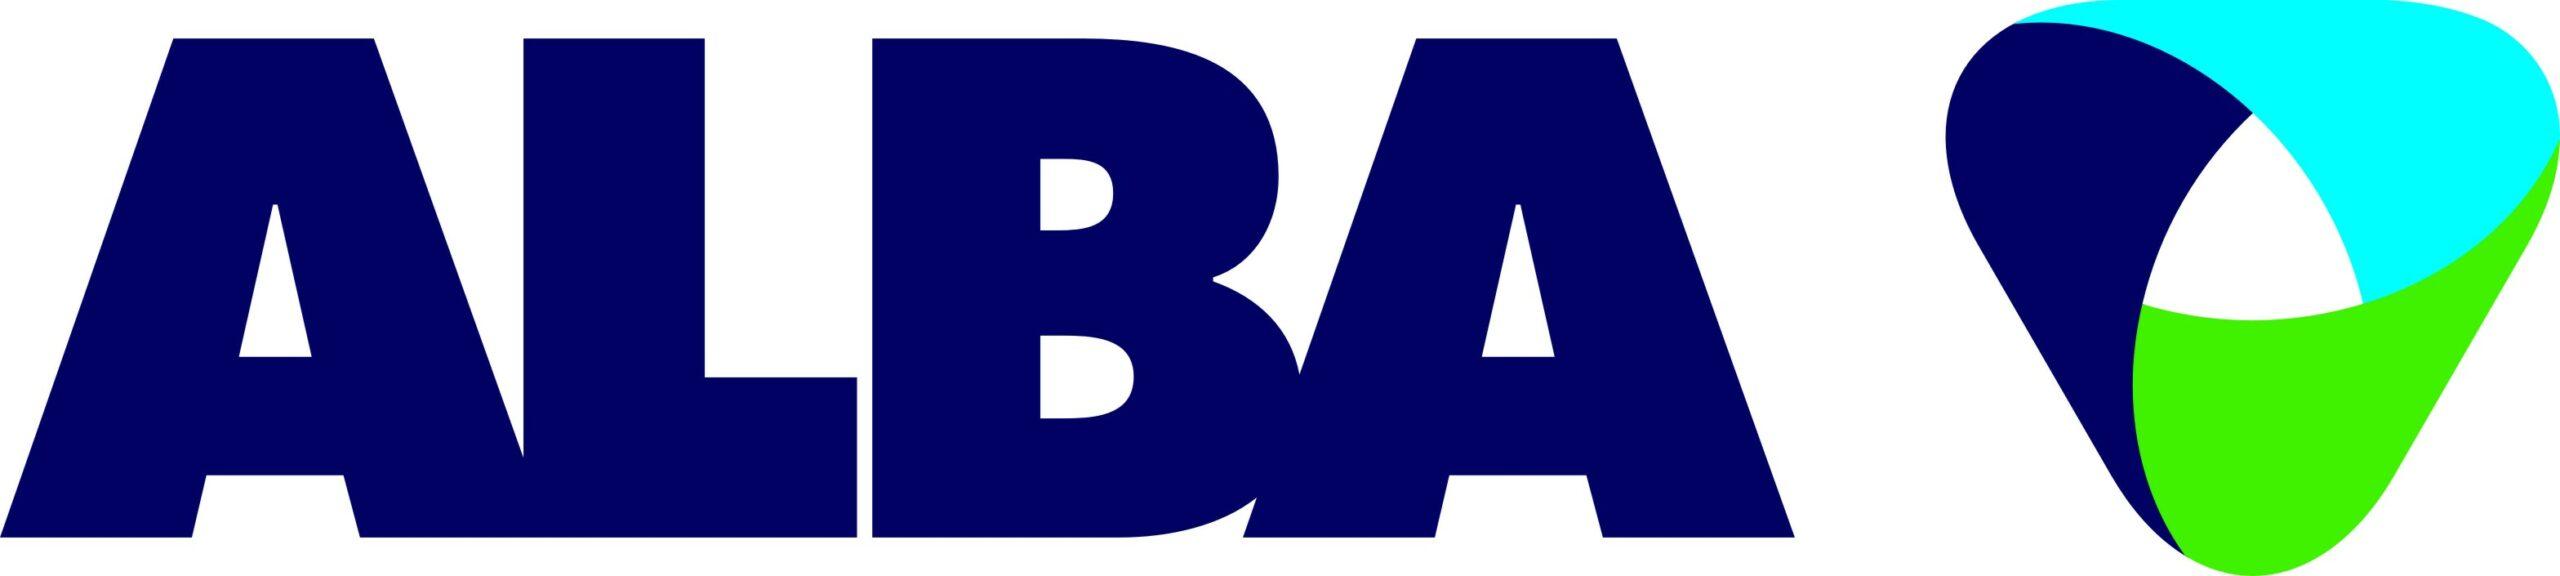 logo_ALBA_kolor